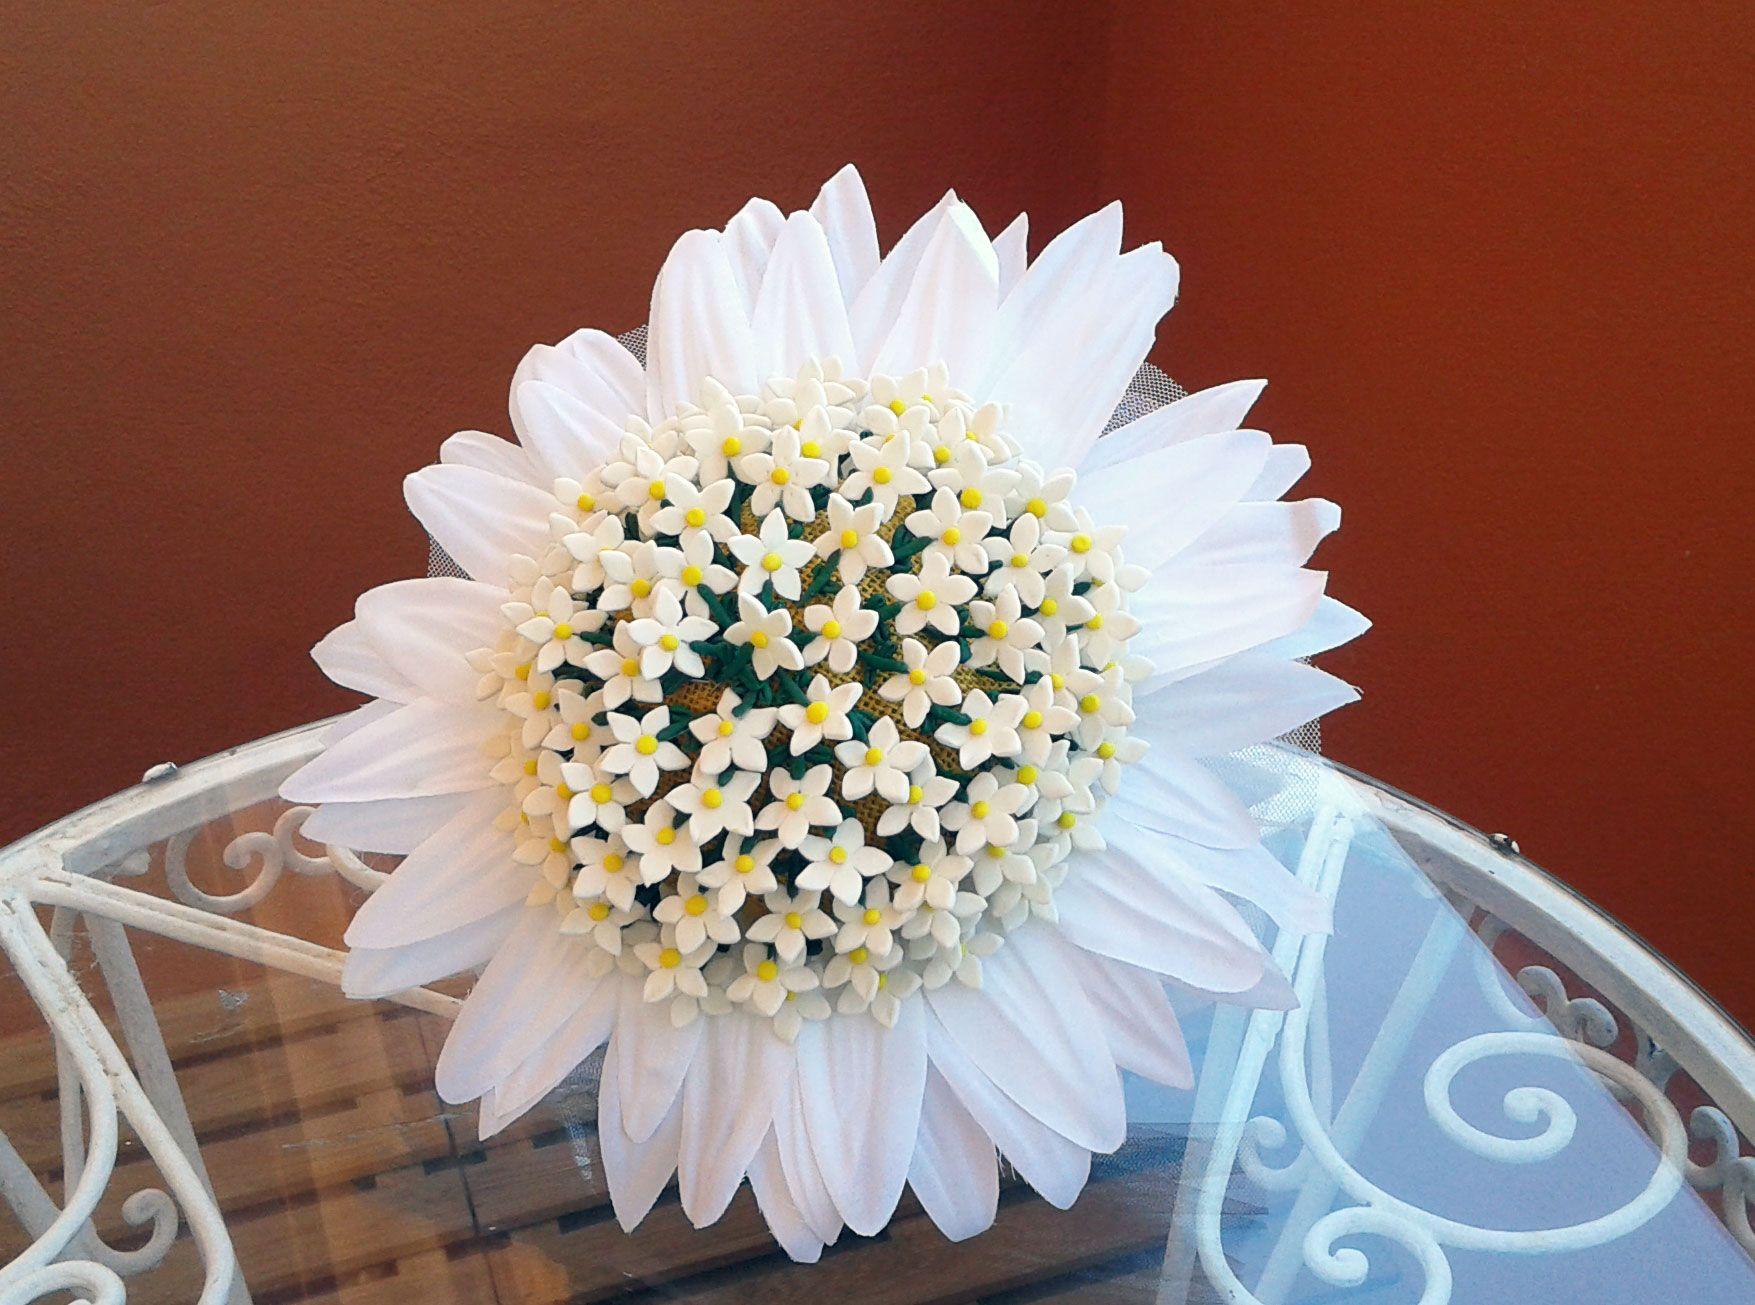 Bouquet de margarita alfileres de novia hechos a mano de - Cojines hechos a mano ...